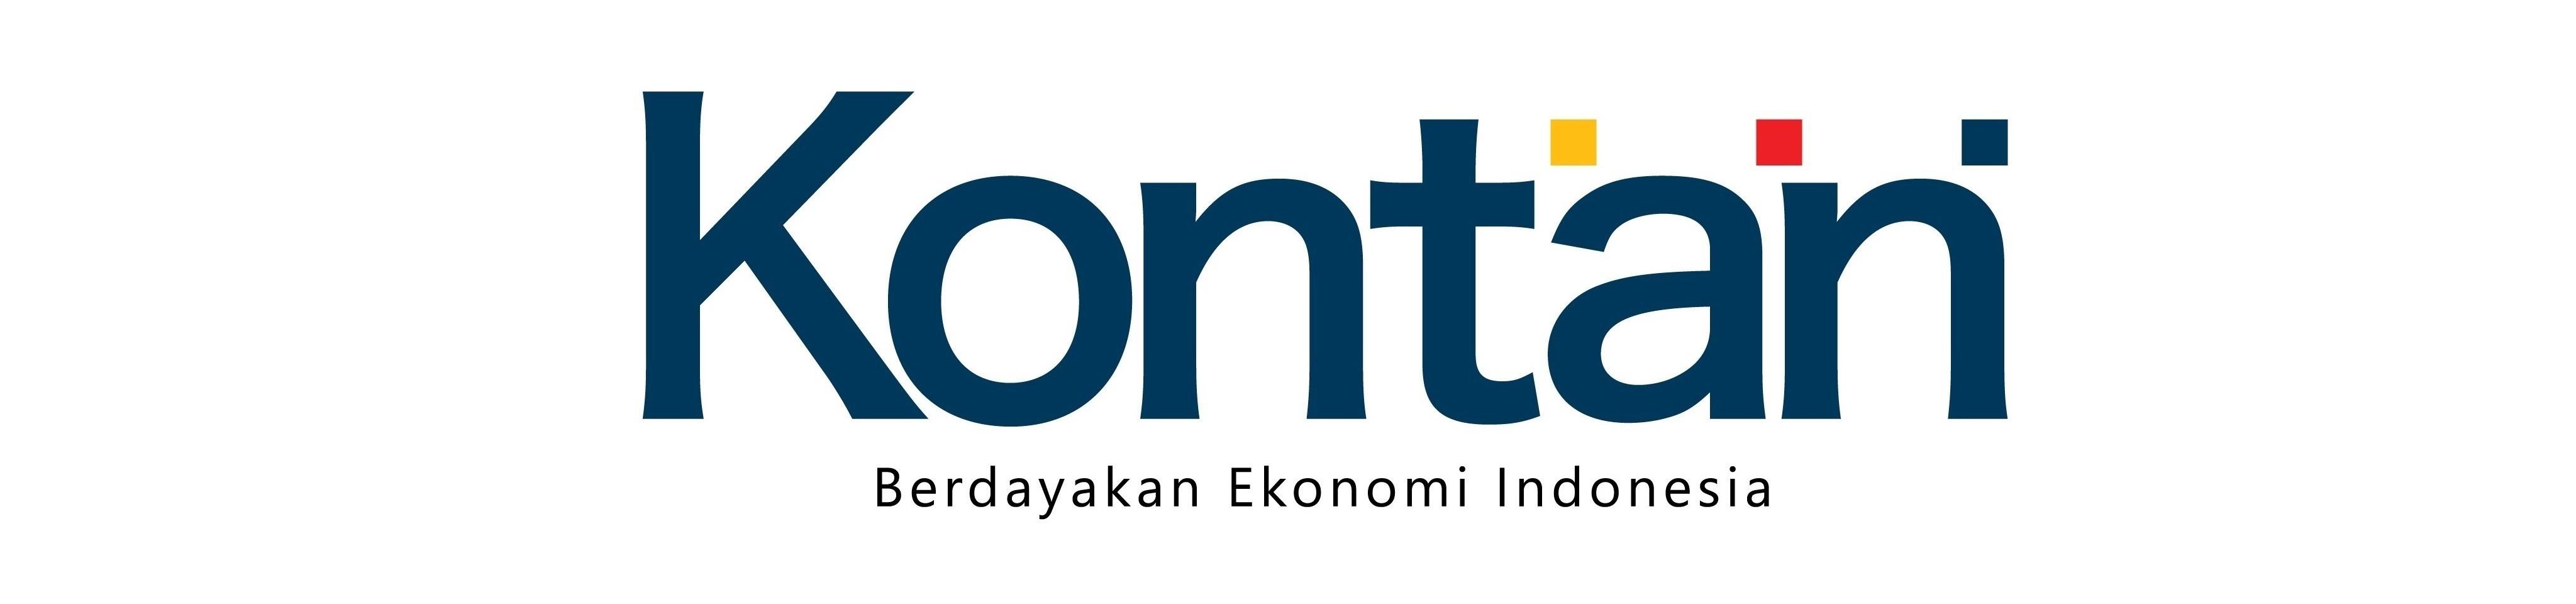 Hasil gambar untuk logo kontan